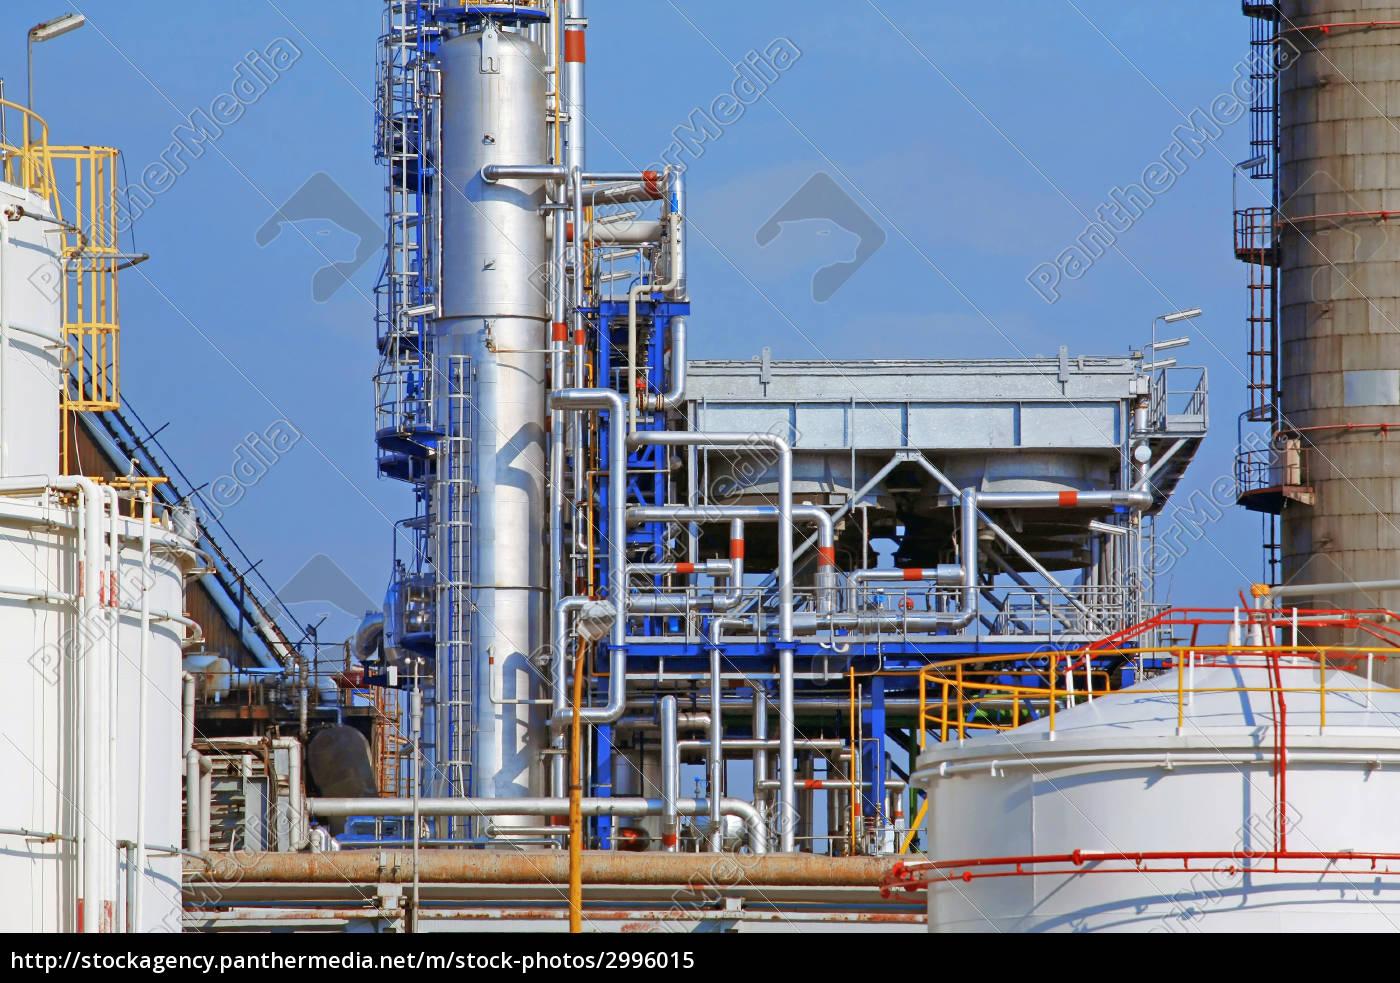 refinery - 2996015